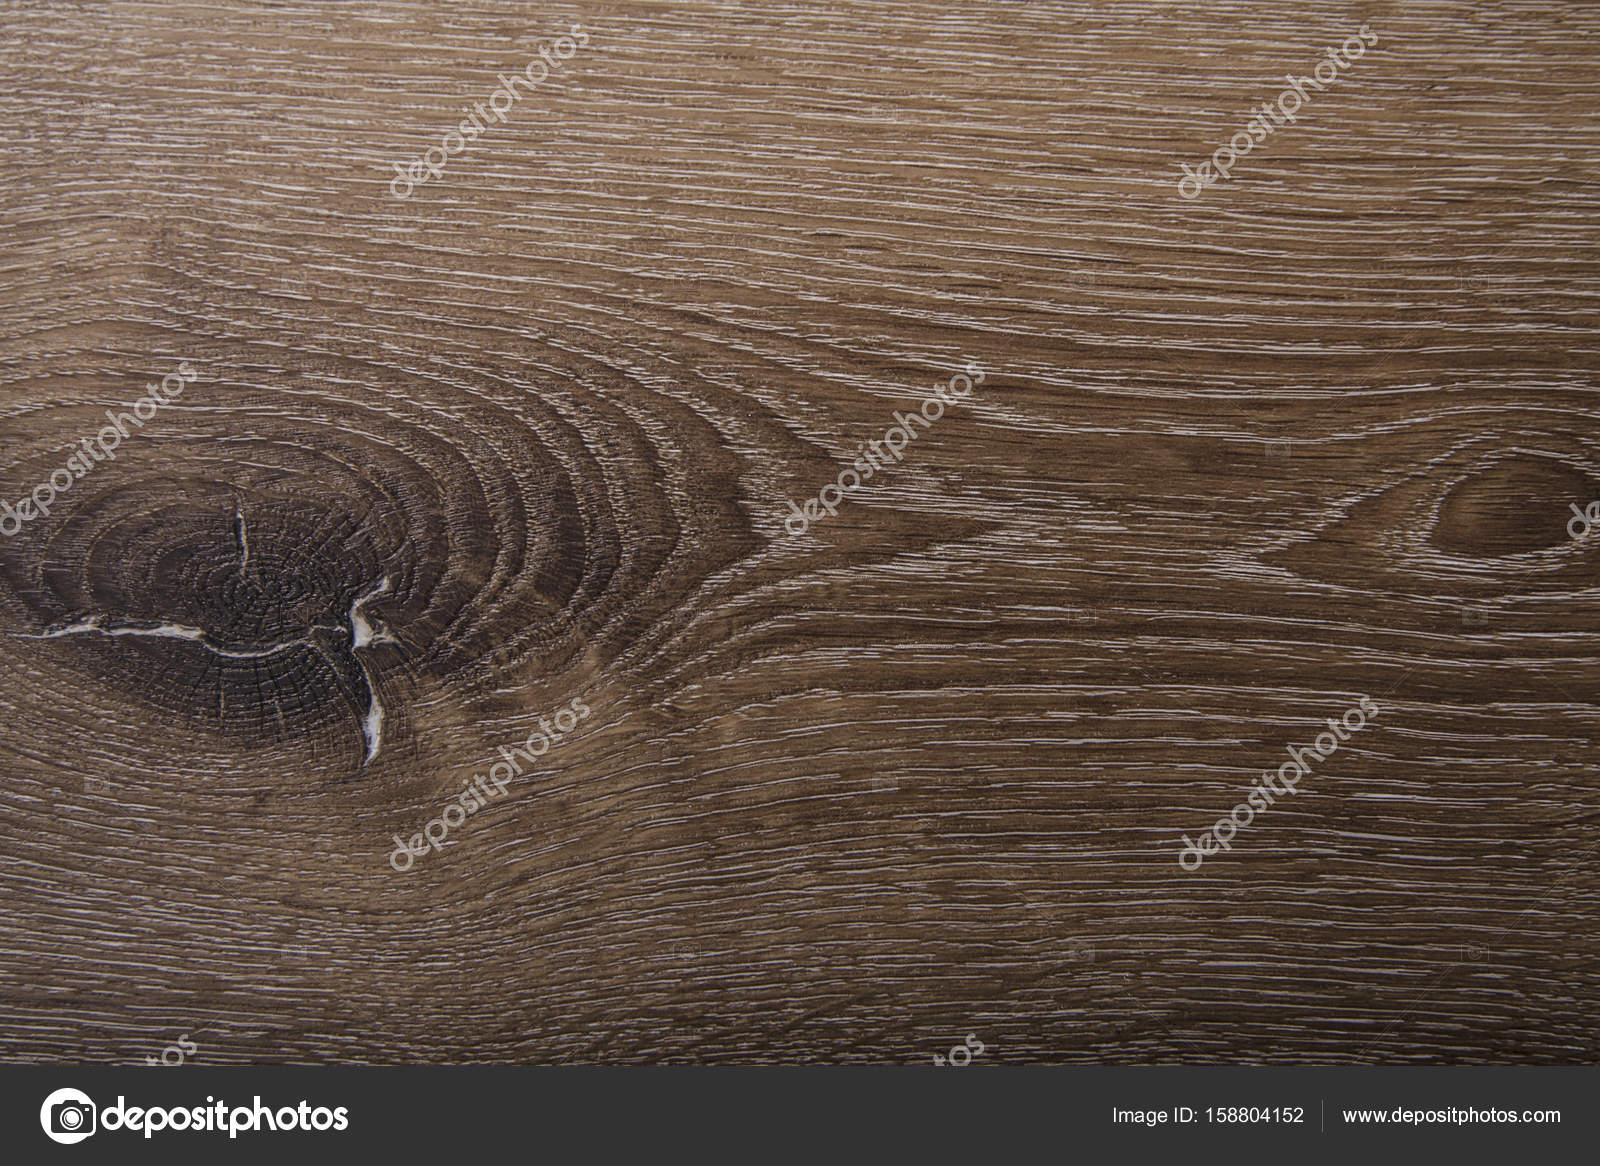 Nieuwe Houten Vloer : Nieuwe eiken parket houten vloer textuur u stockfoto borman